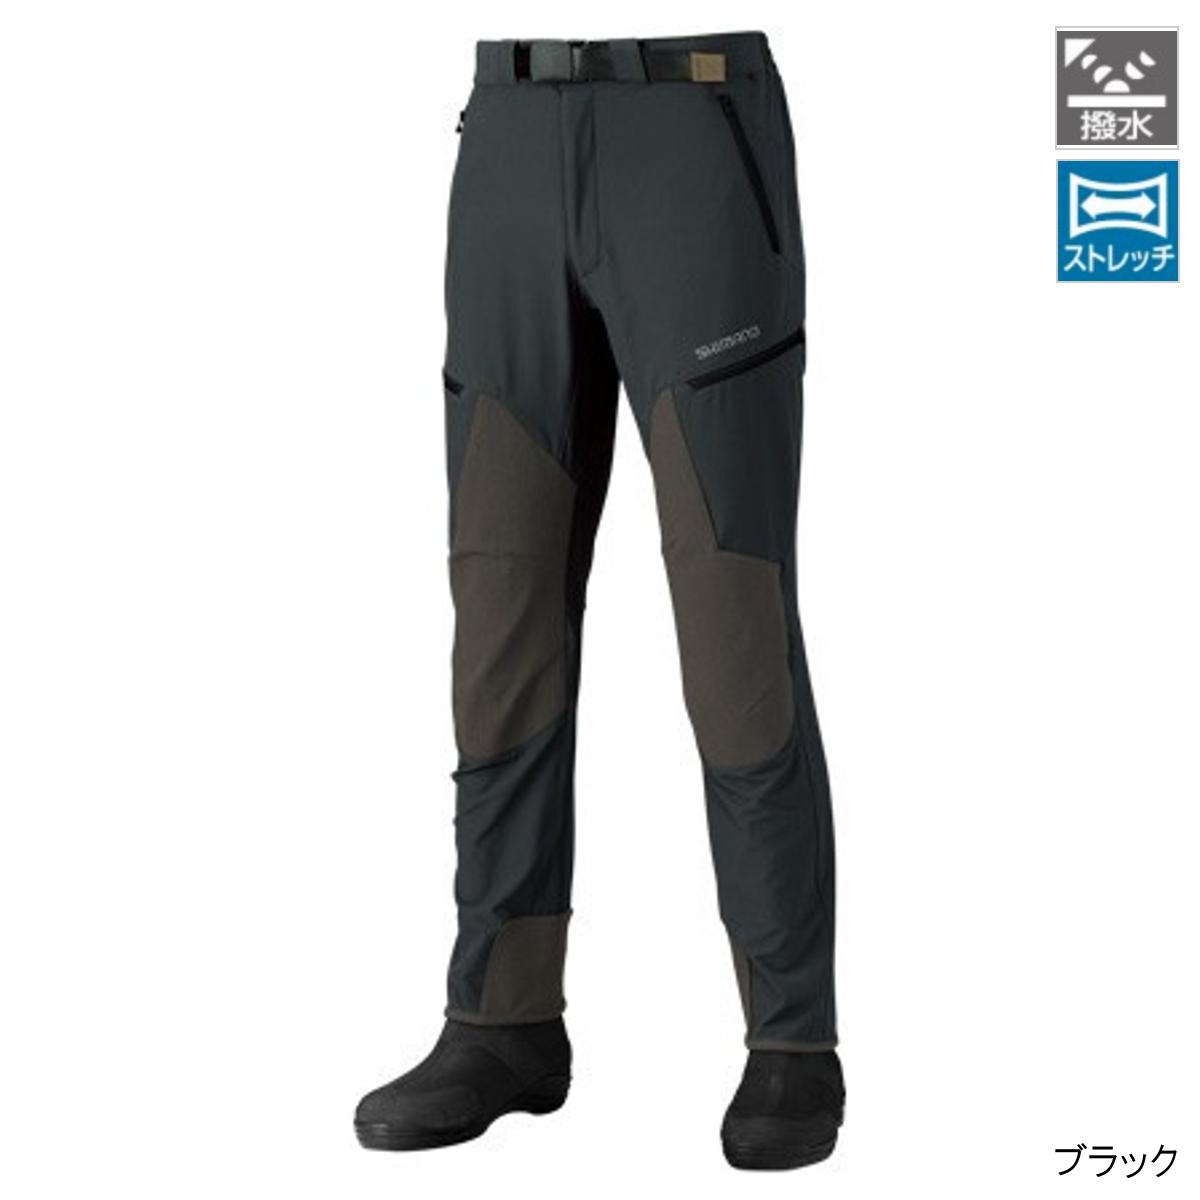 シマノ 撥水ストレッチパンツ PA-041R L ブラック